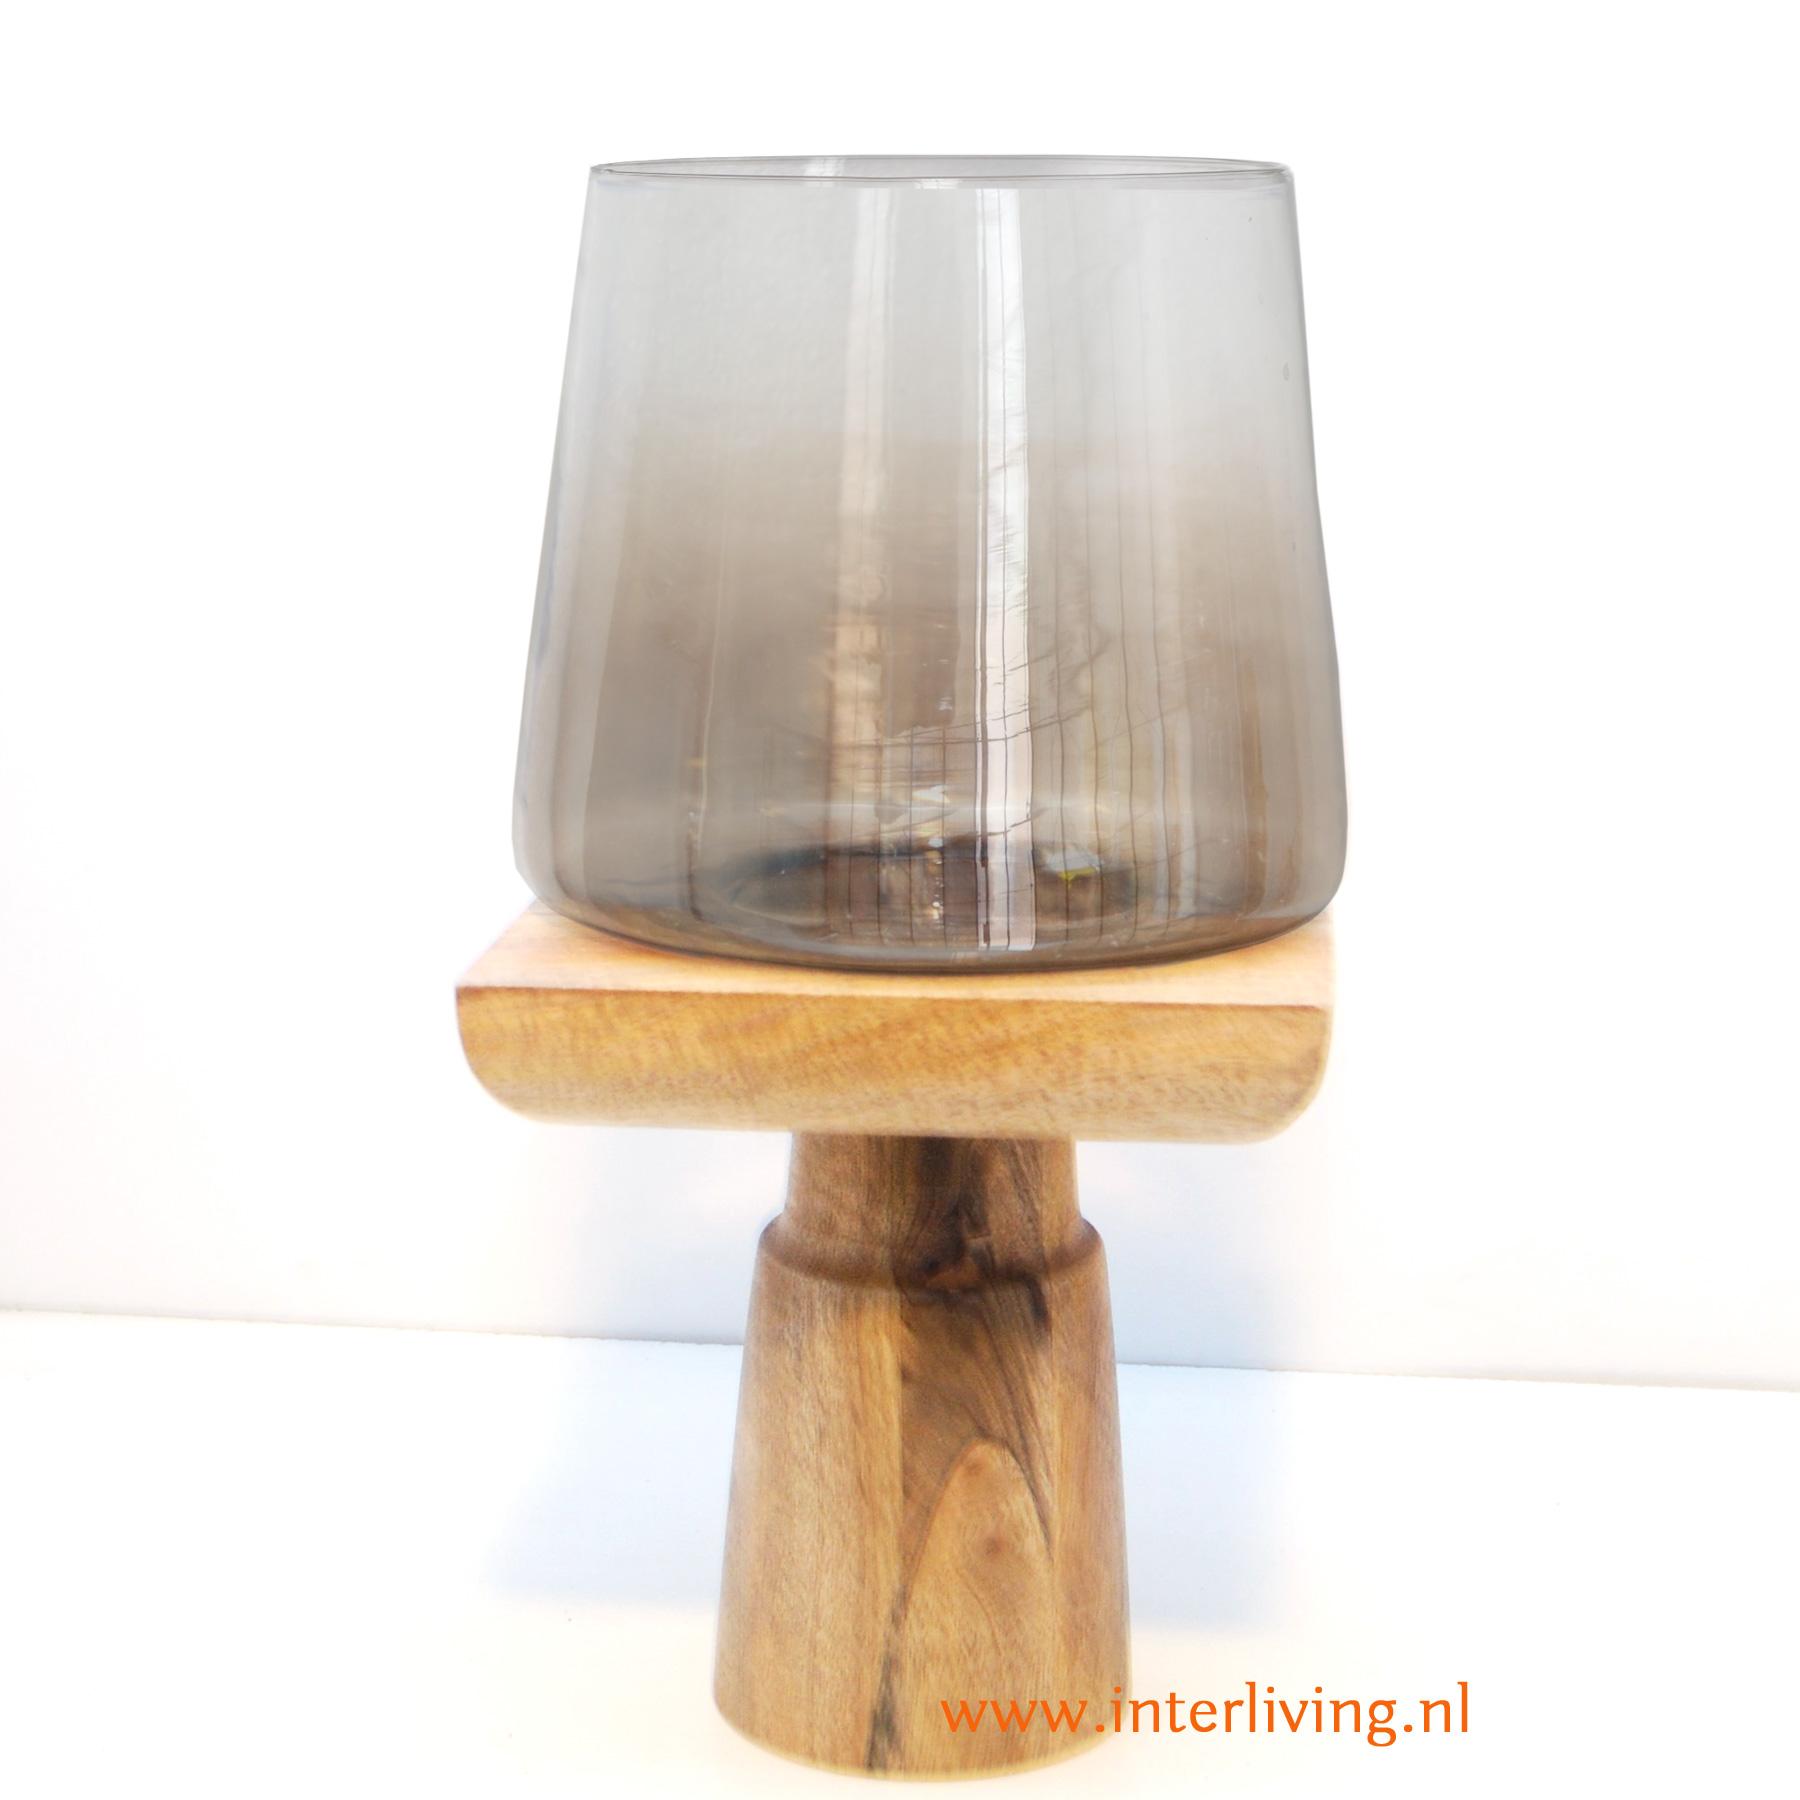 grote kandelaar of windlicht van naturel mangohout met parelmoer glas houder